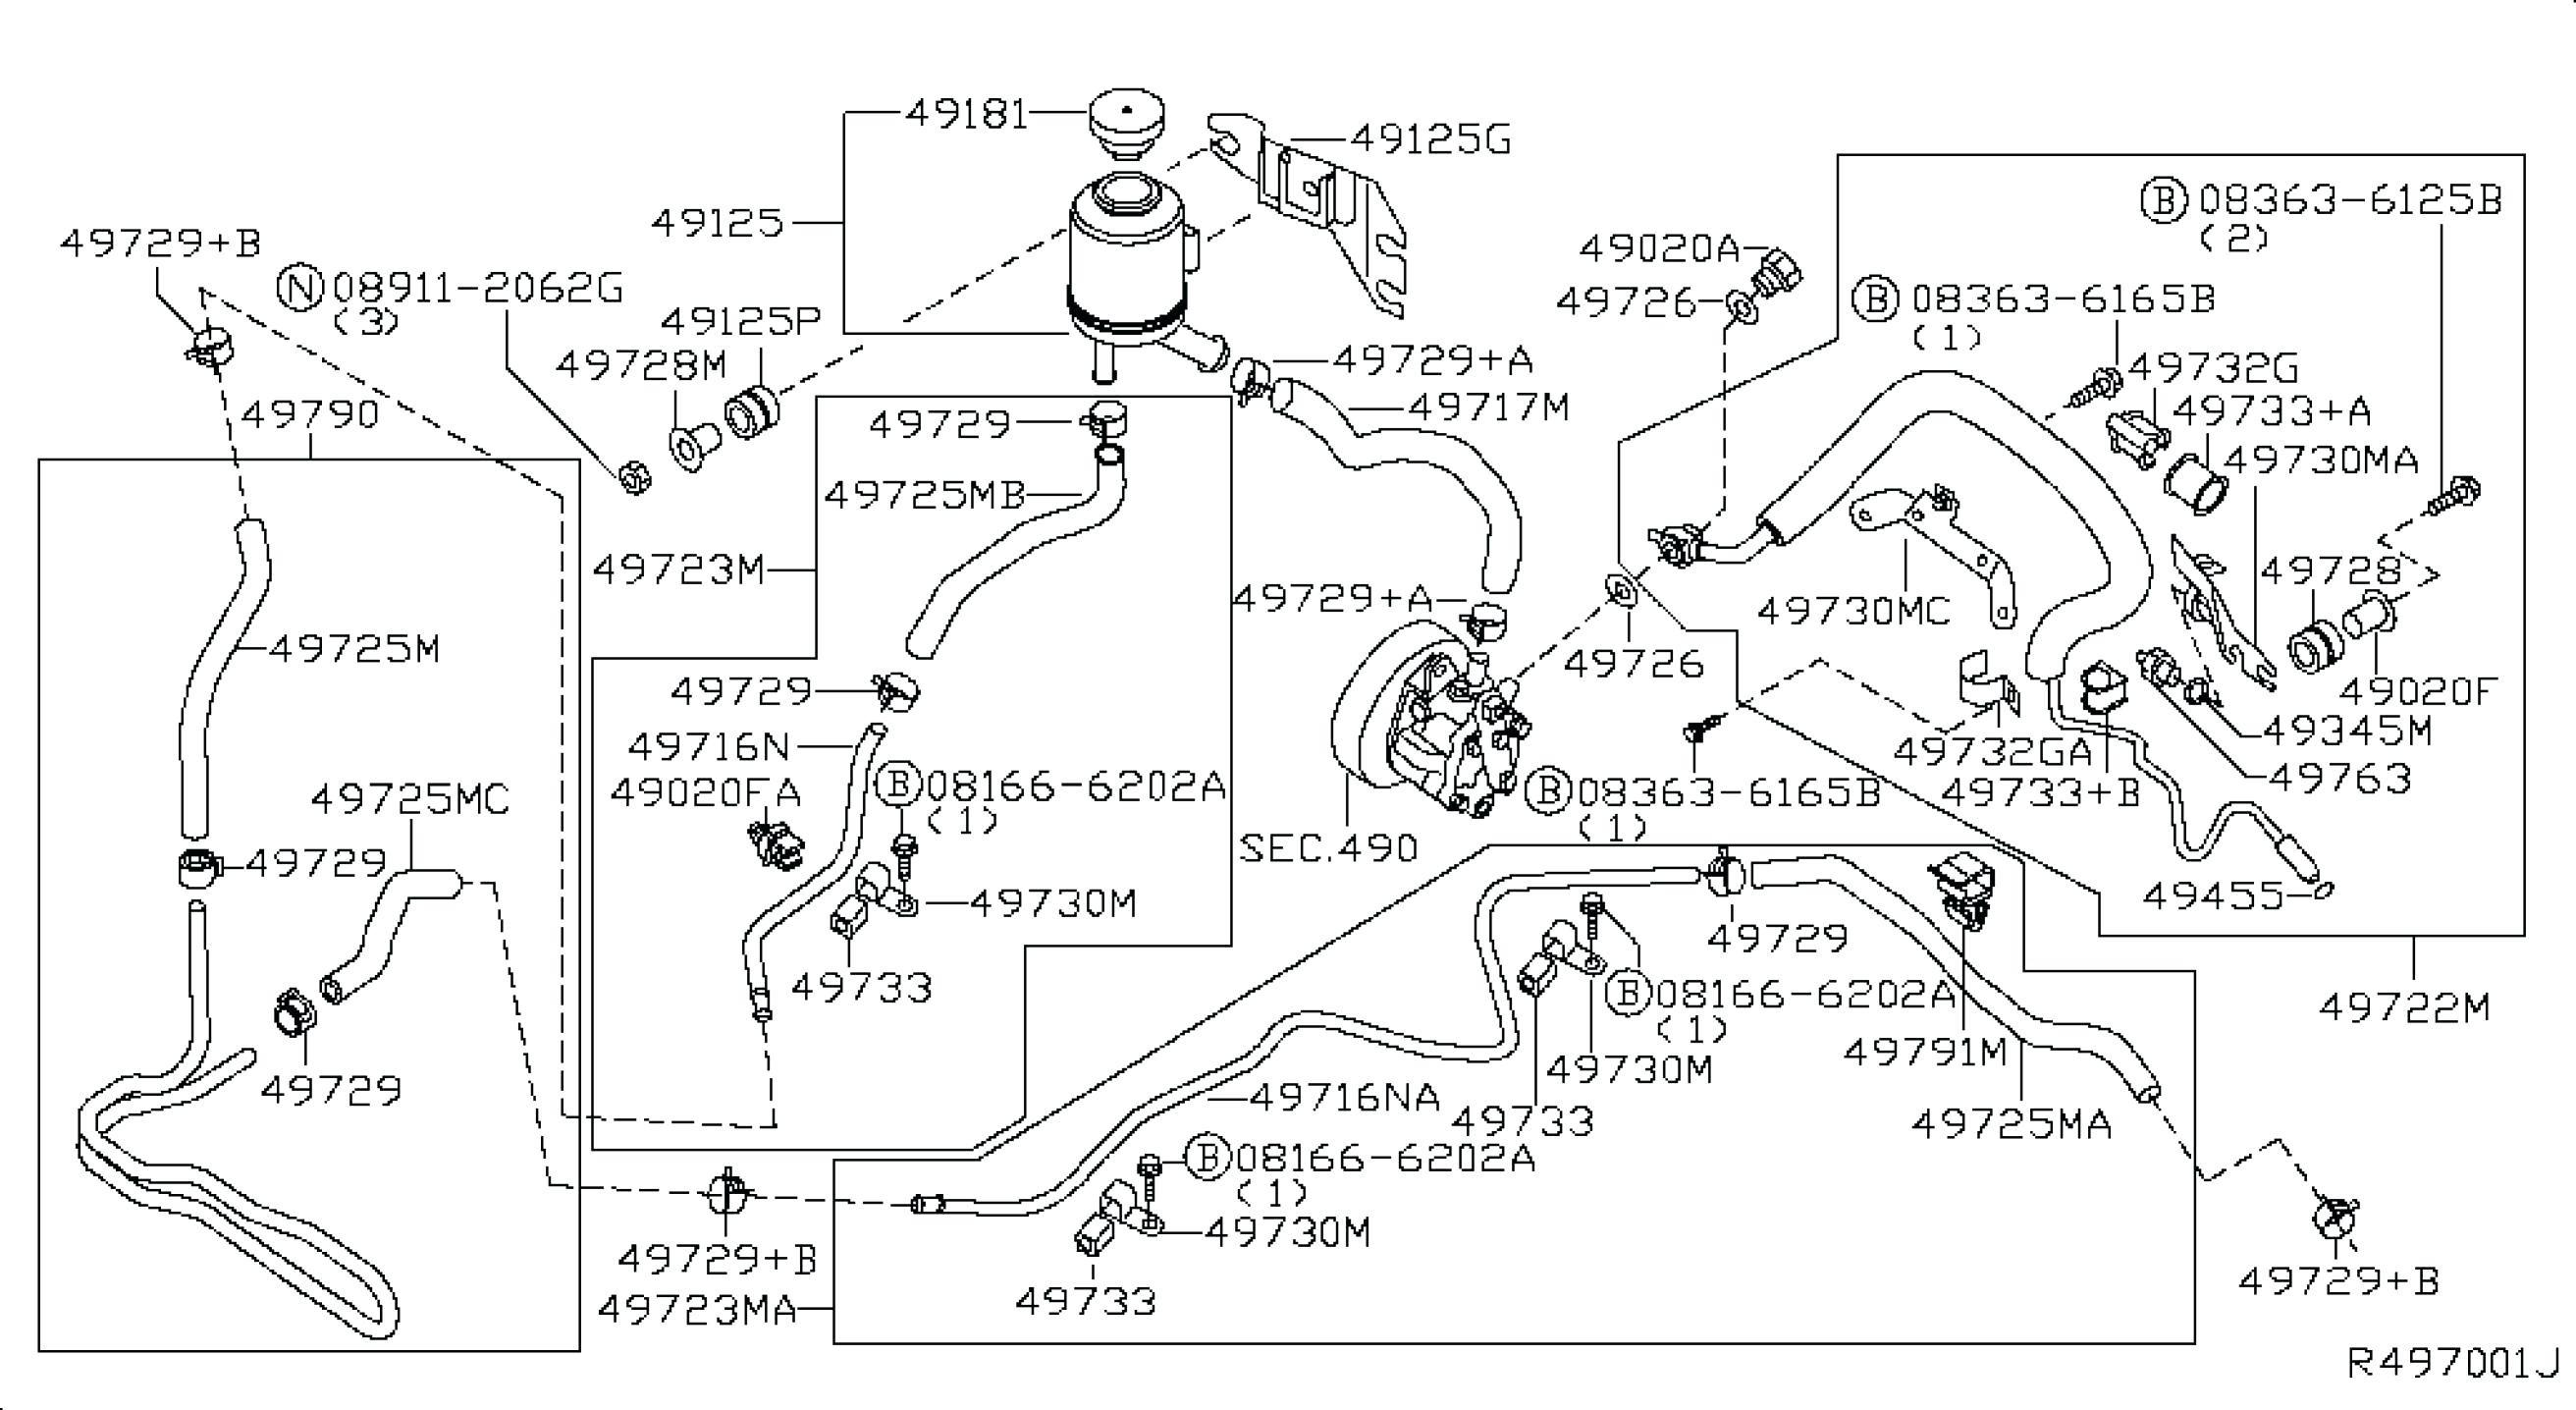 Car Spotlight Wiring Diagram Nissan Micra Ignition Wiring Diagram Wiring Diagram Used Of Car Spotlight Wiring Diagram